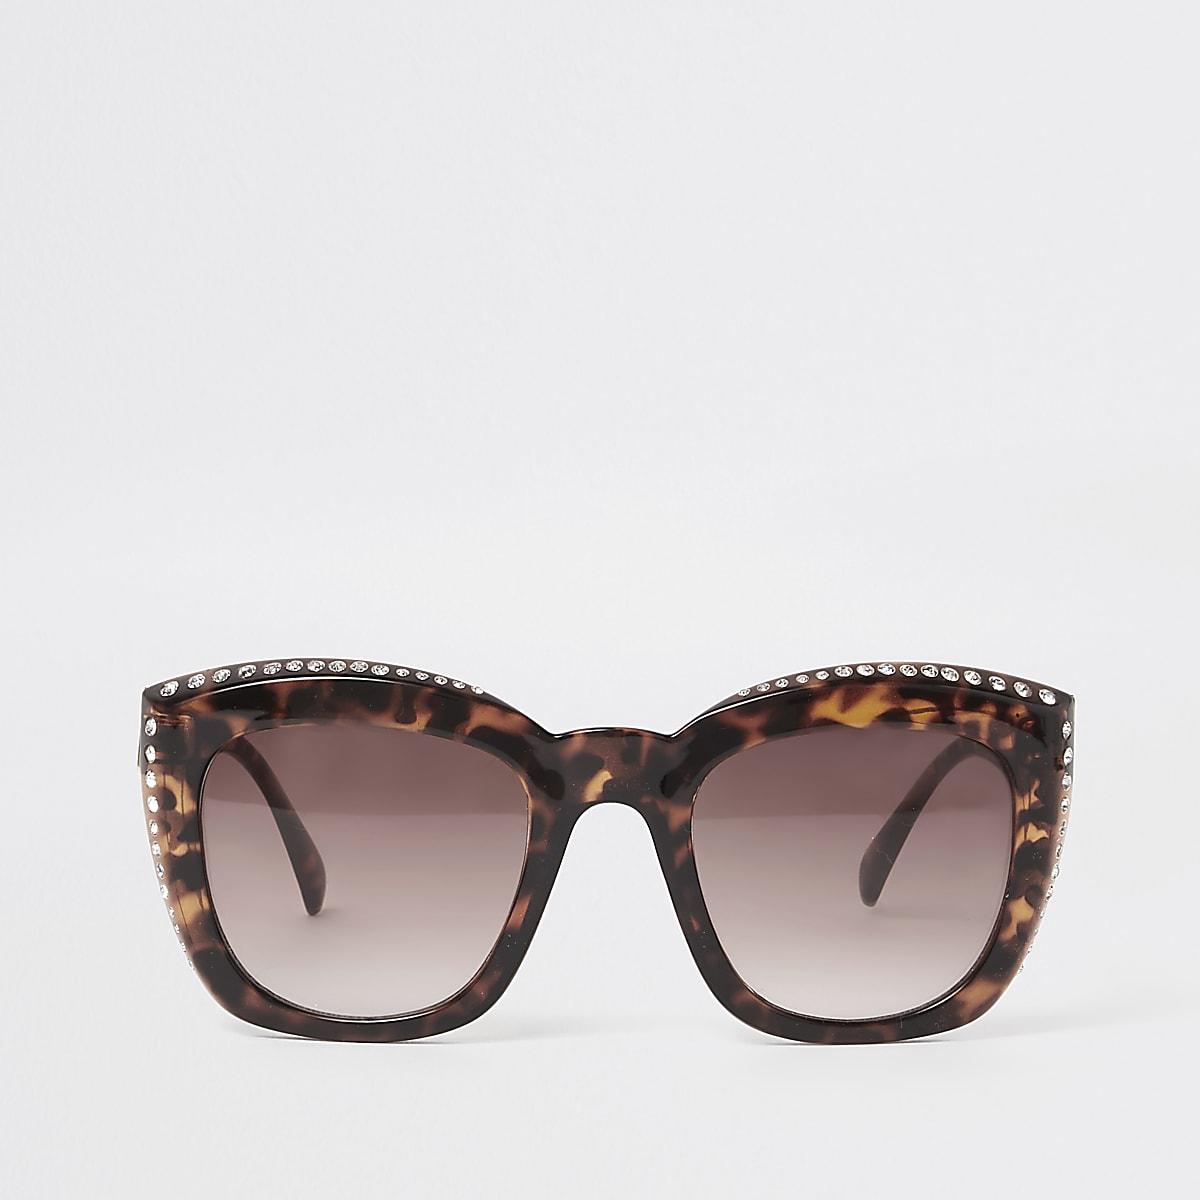 Brown tortoiseshell rhinestone sunglasses